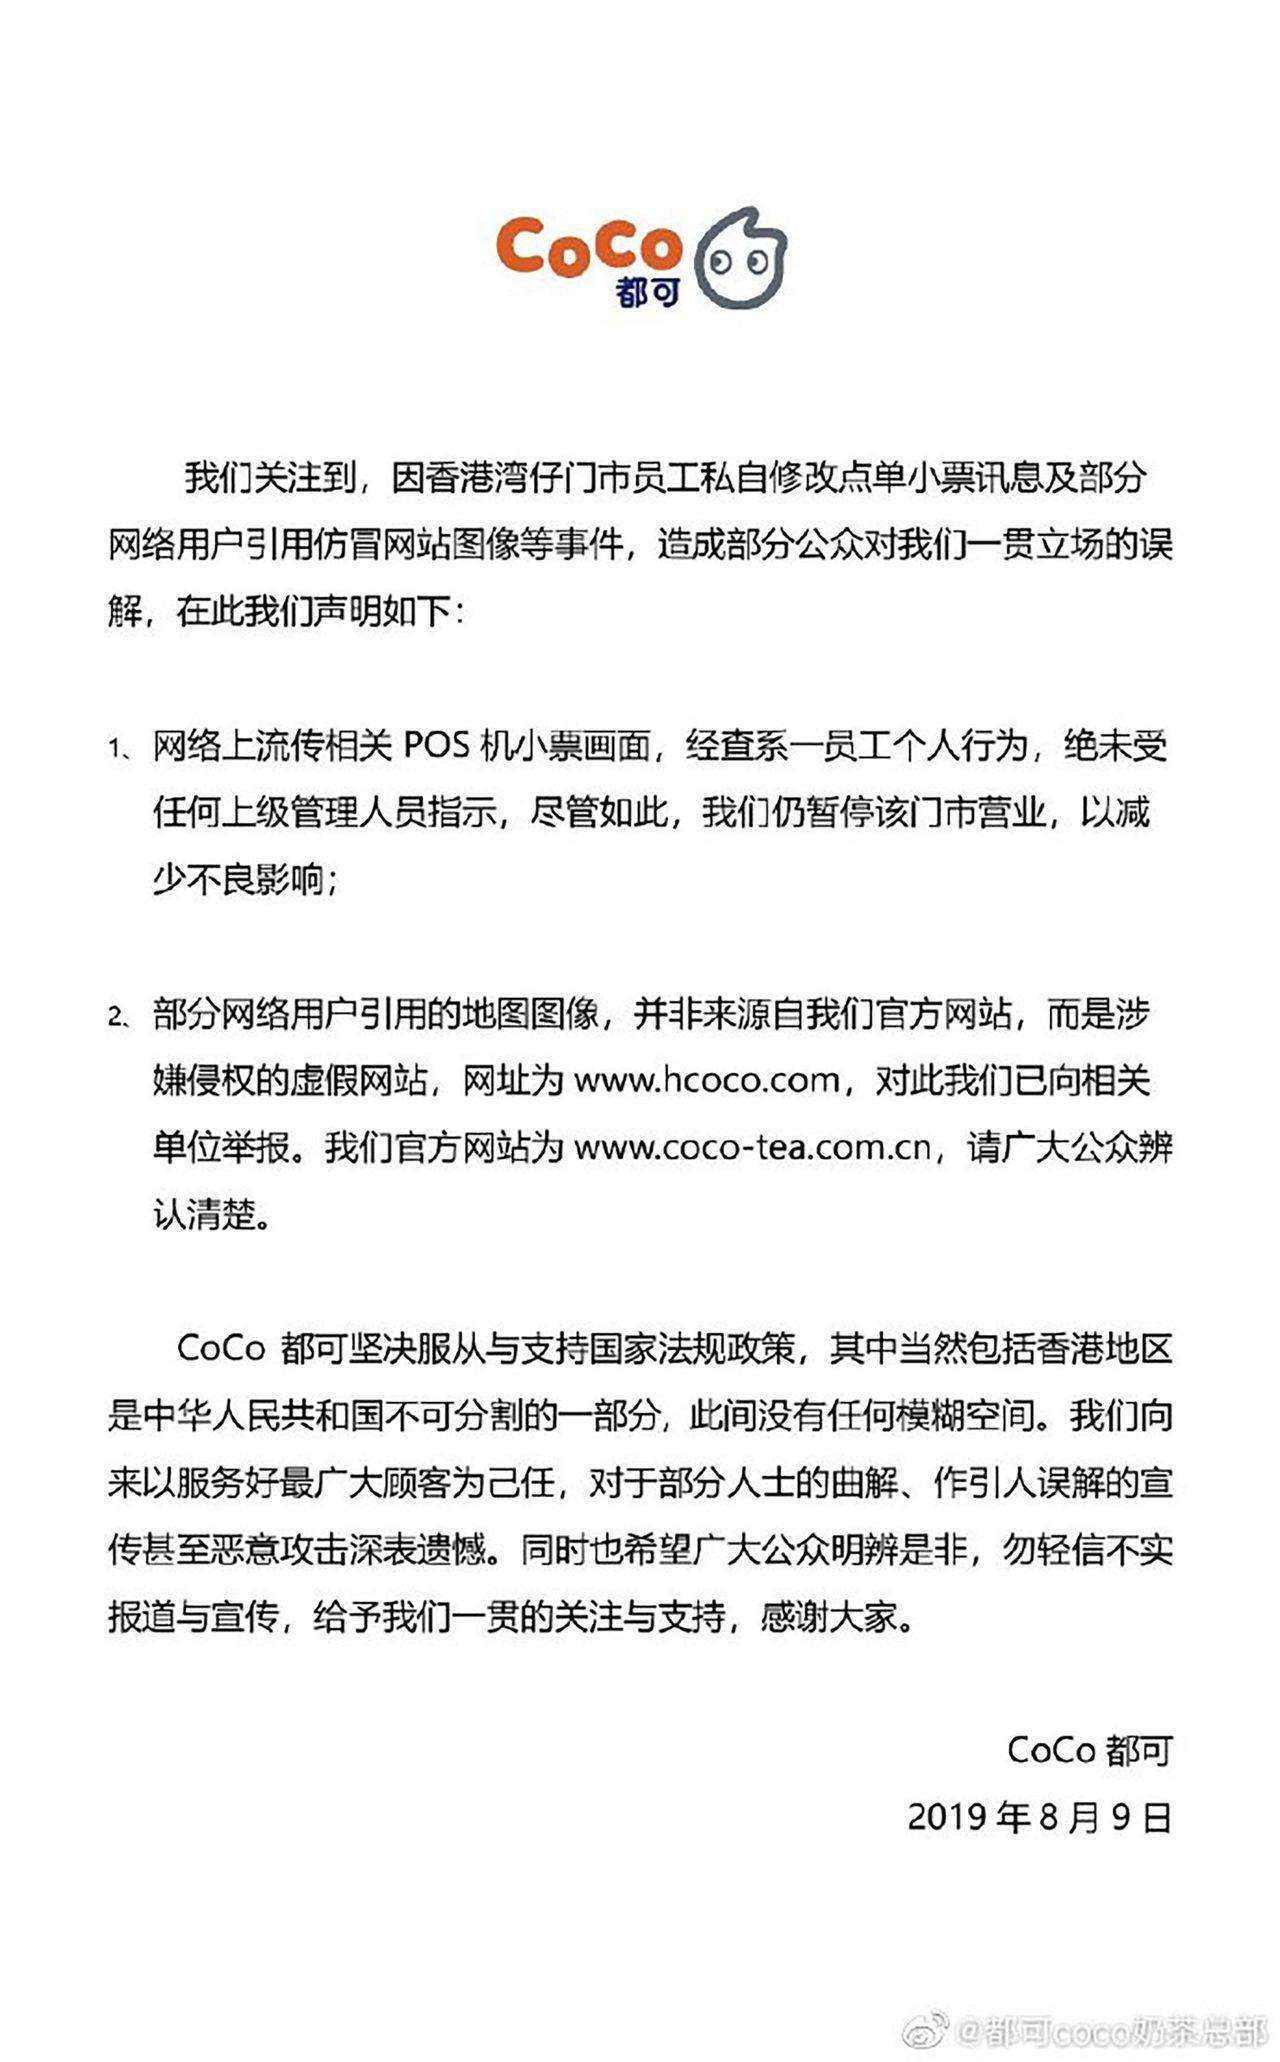 在中國網民揚言抵制的陰影下,「都可coco奶茶總部」9日晚間聲明指出,「香港是中...